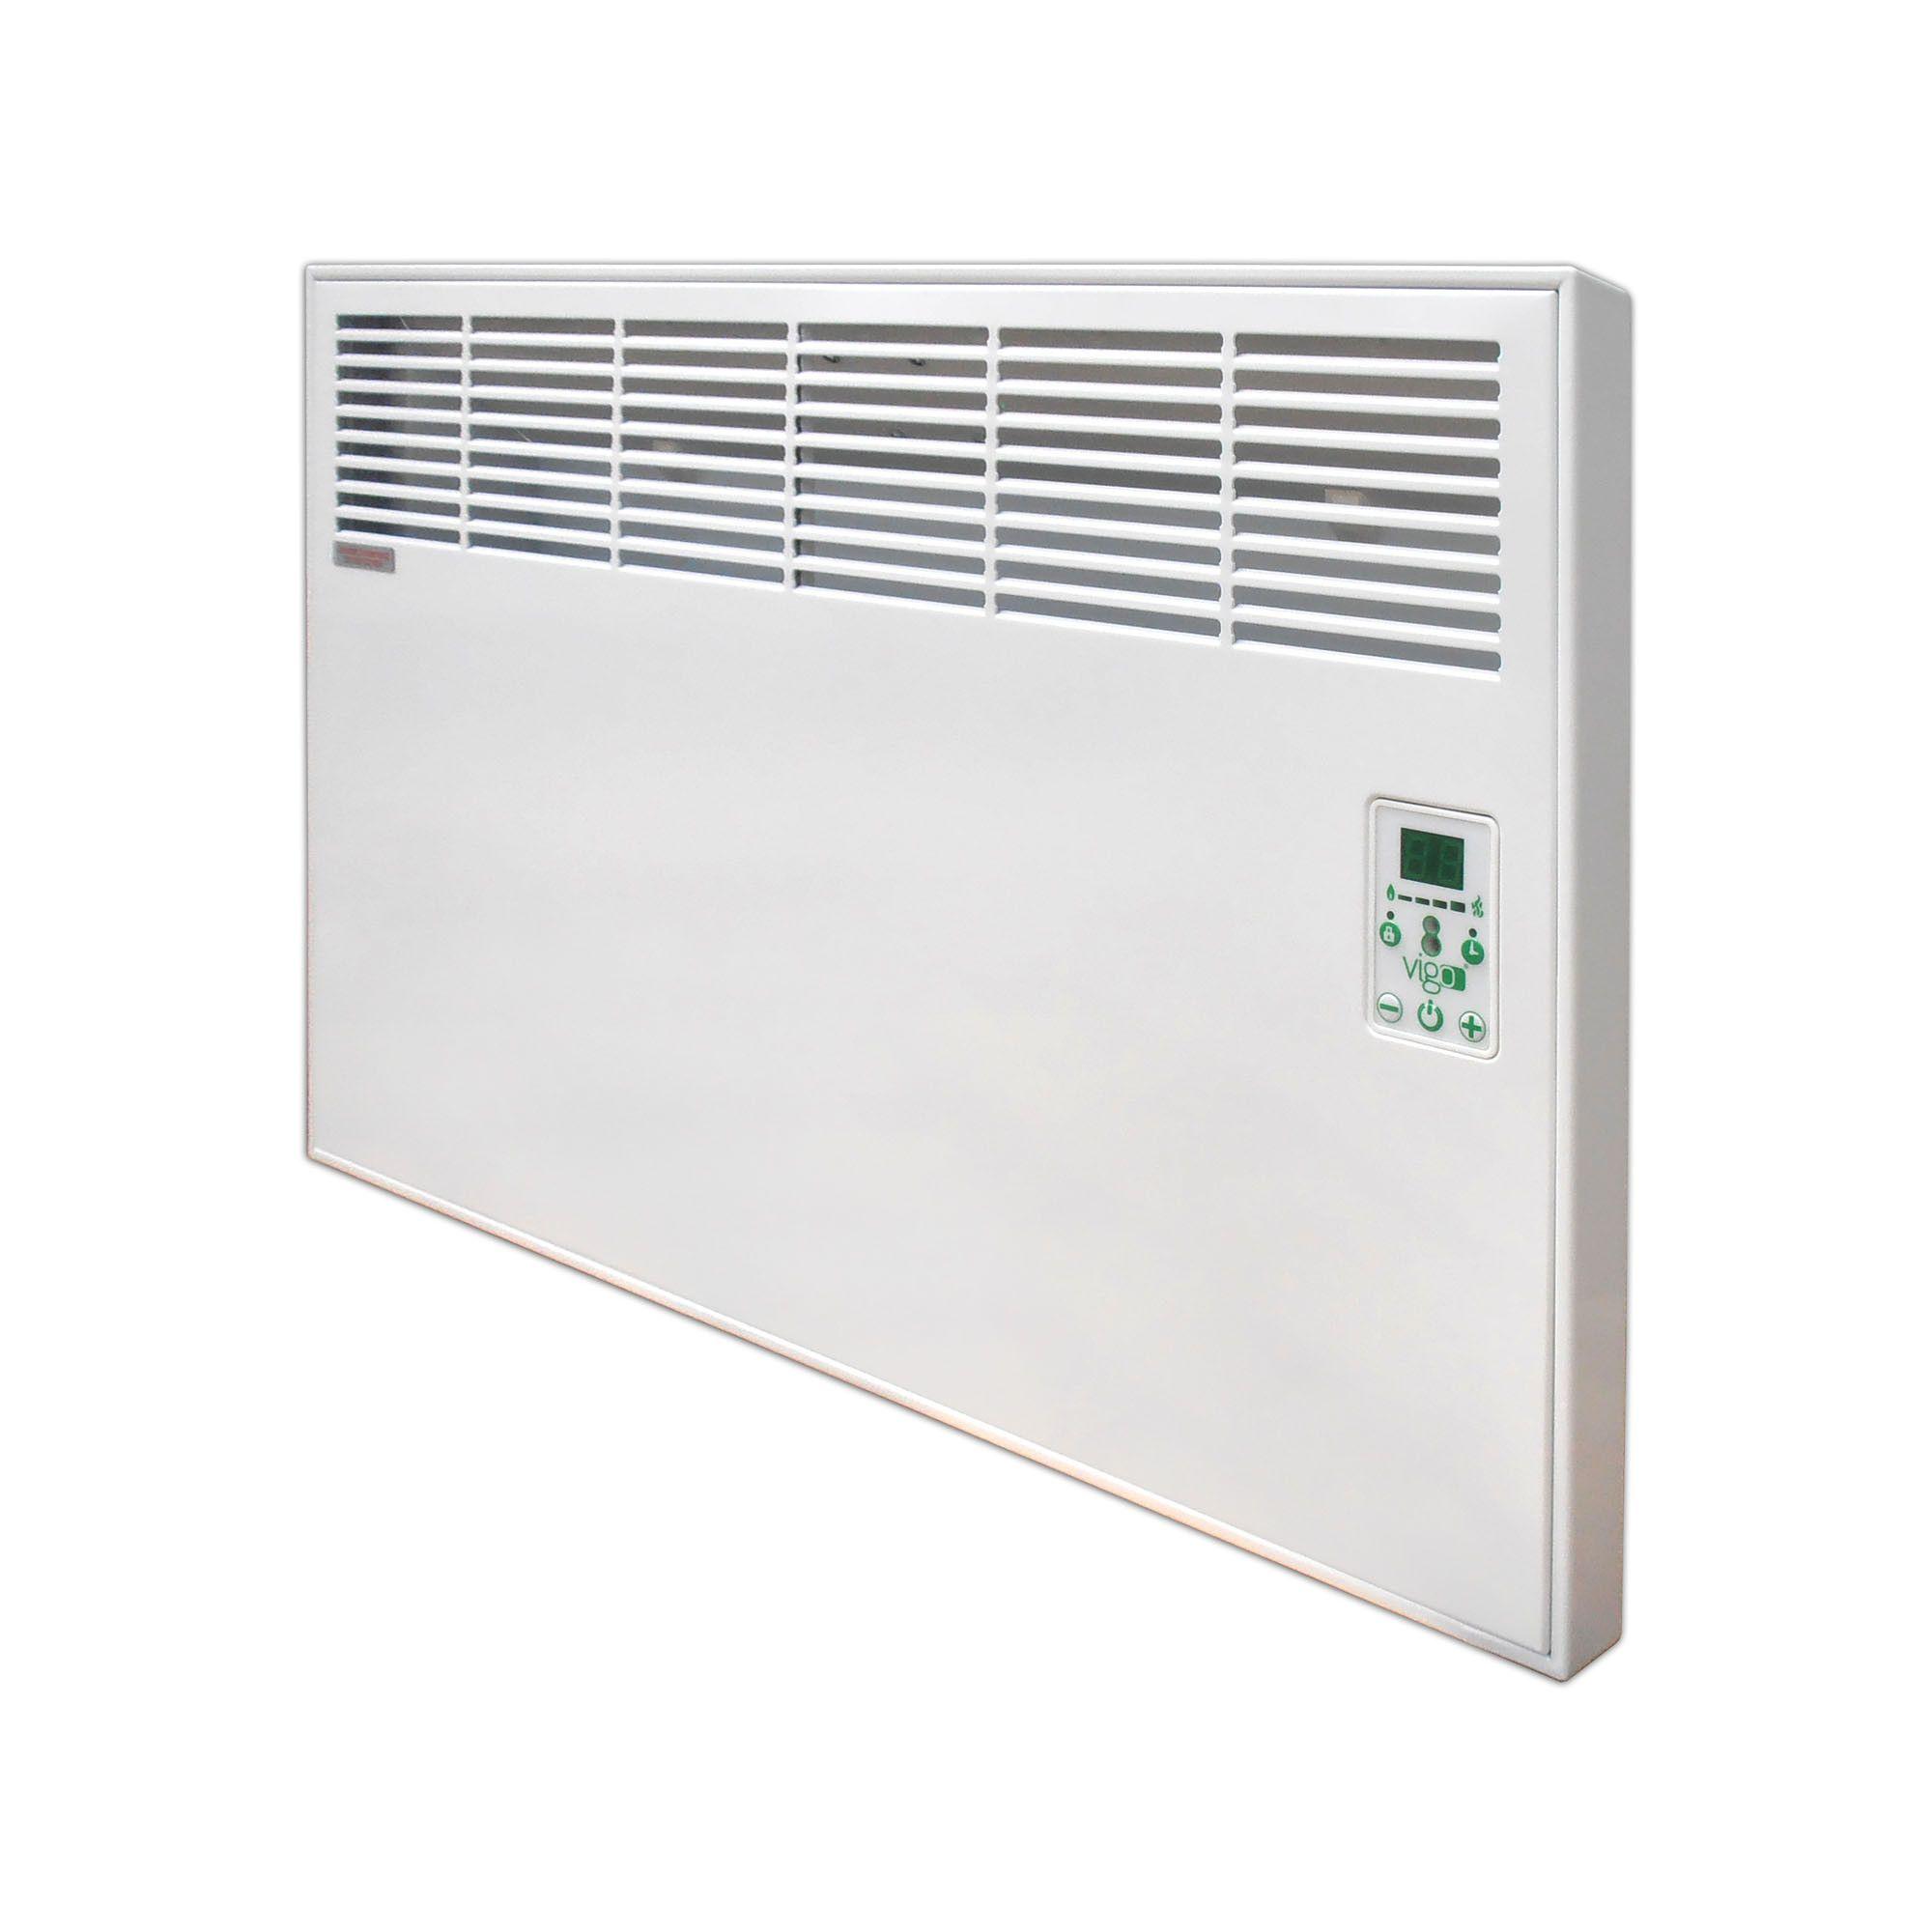 Fotografie Convector digital de perete sau pardoseala Vigo EPK 500 W, control electronic, Termostat de siguranta, termostat reglabil, IP 24, ERP 2018